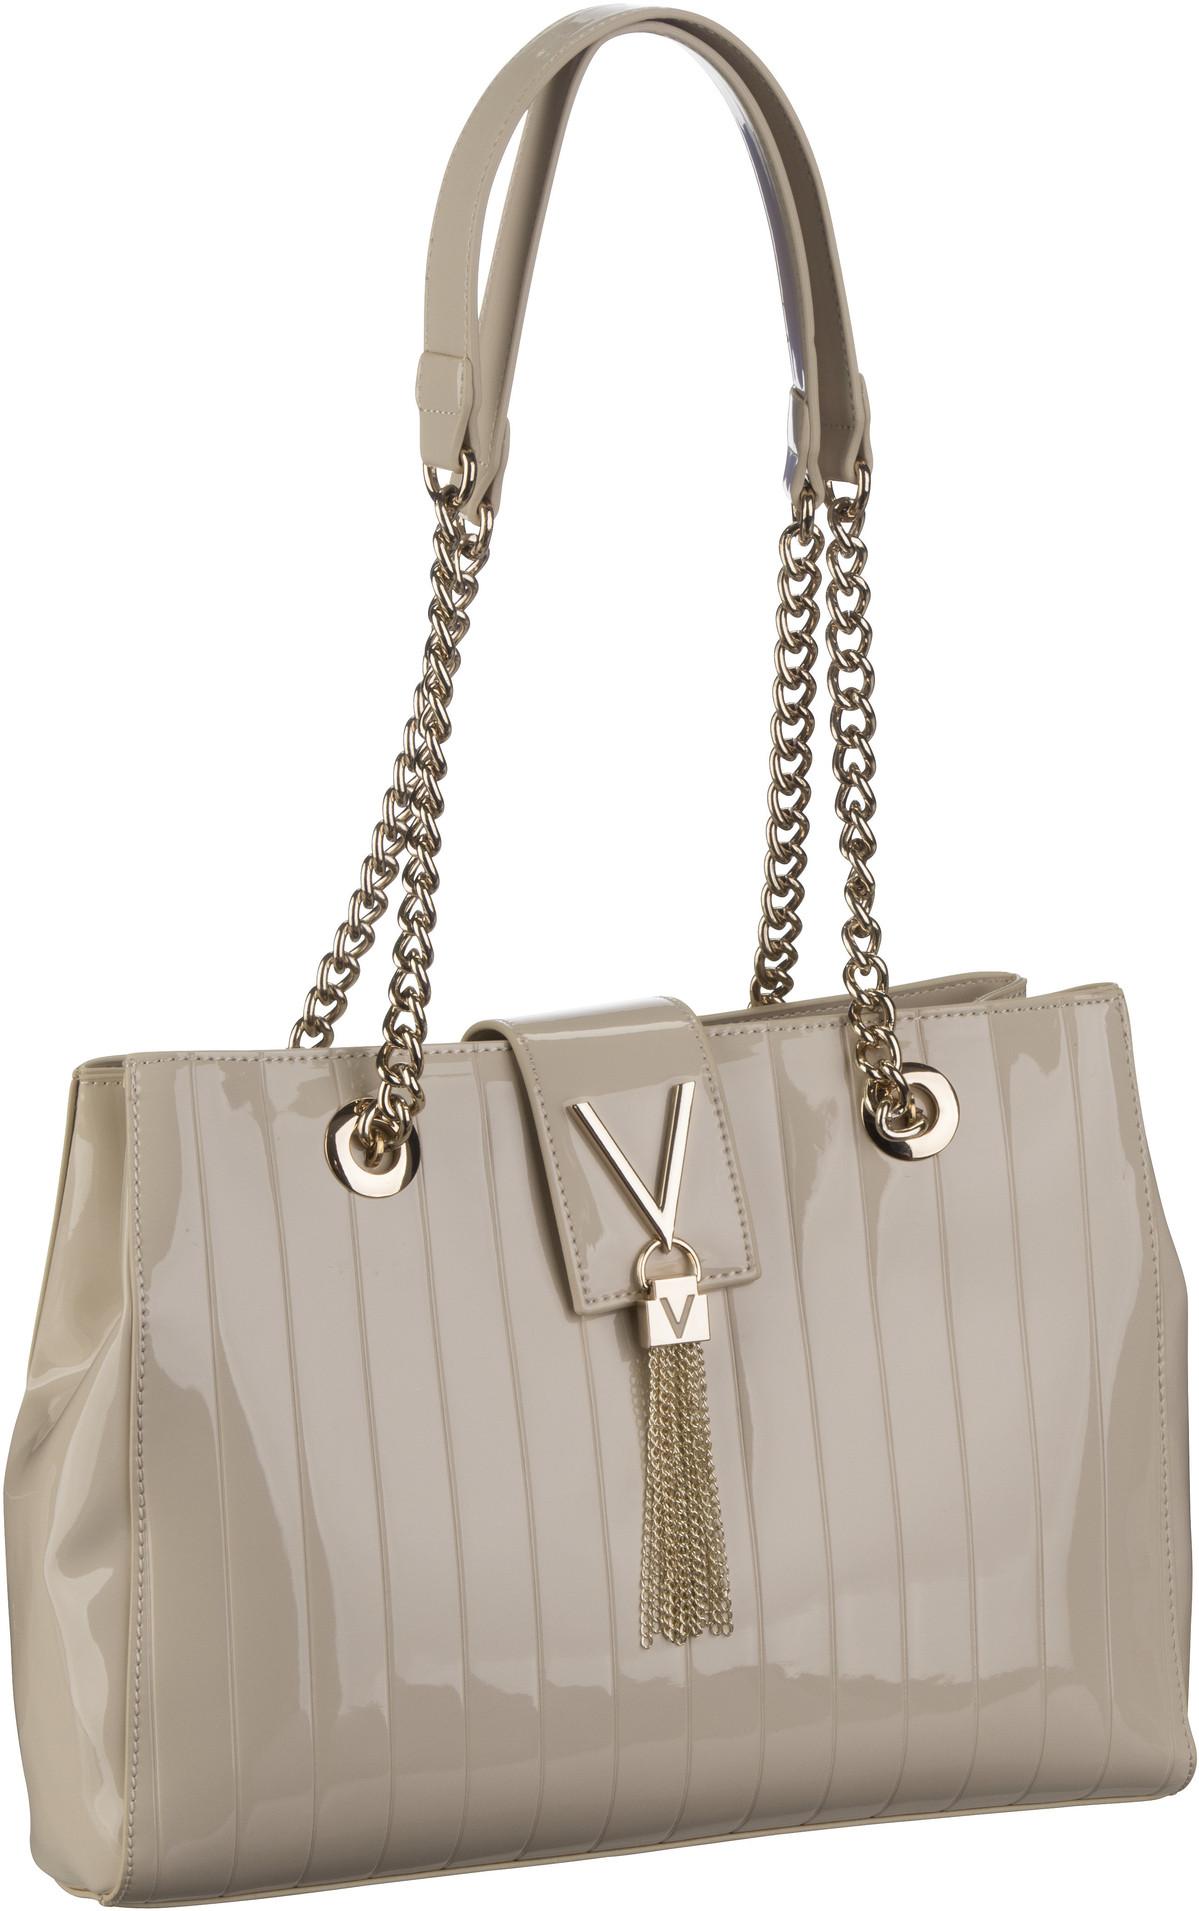 Bags Handtasche Bongo Shopping K06 Ecru